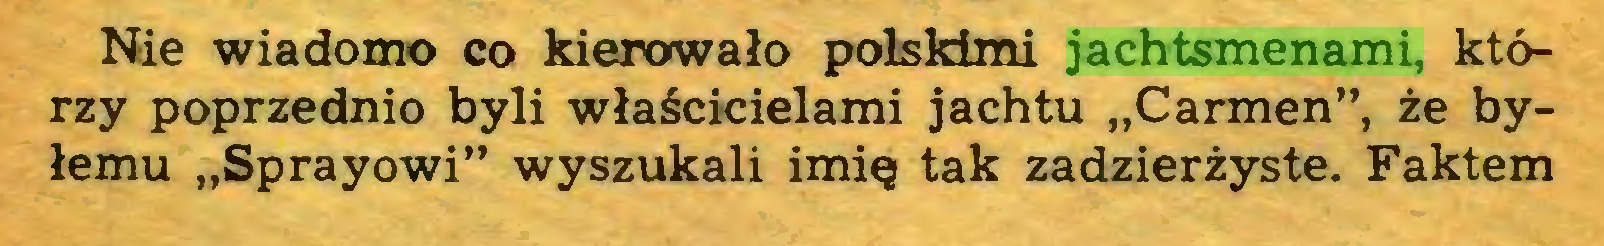 """(...) Nie wiadomo co kierowało polskimi jachtsmenami, którzy poprzednio byli właścicielami jachtu """"Carmen"""", że byłemu """"Sprayowi"""" wyszukali imię tak zadzierżyste. Faktem..."""